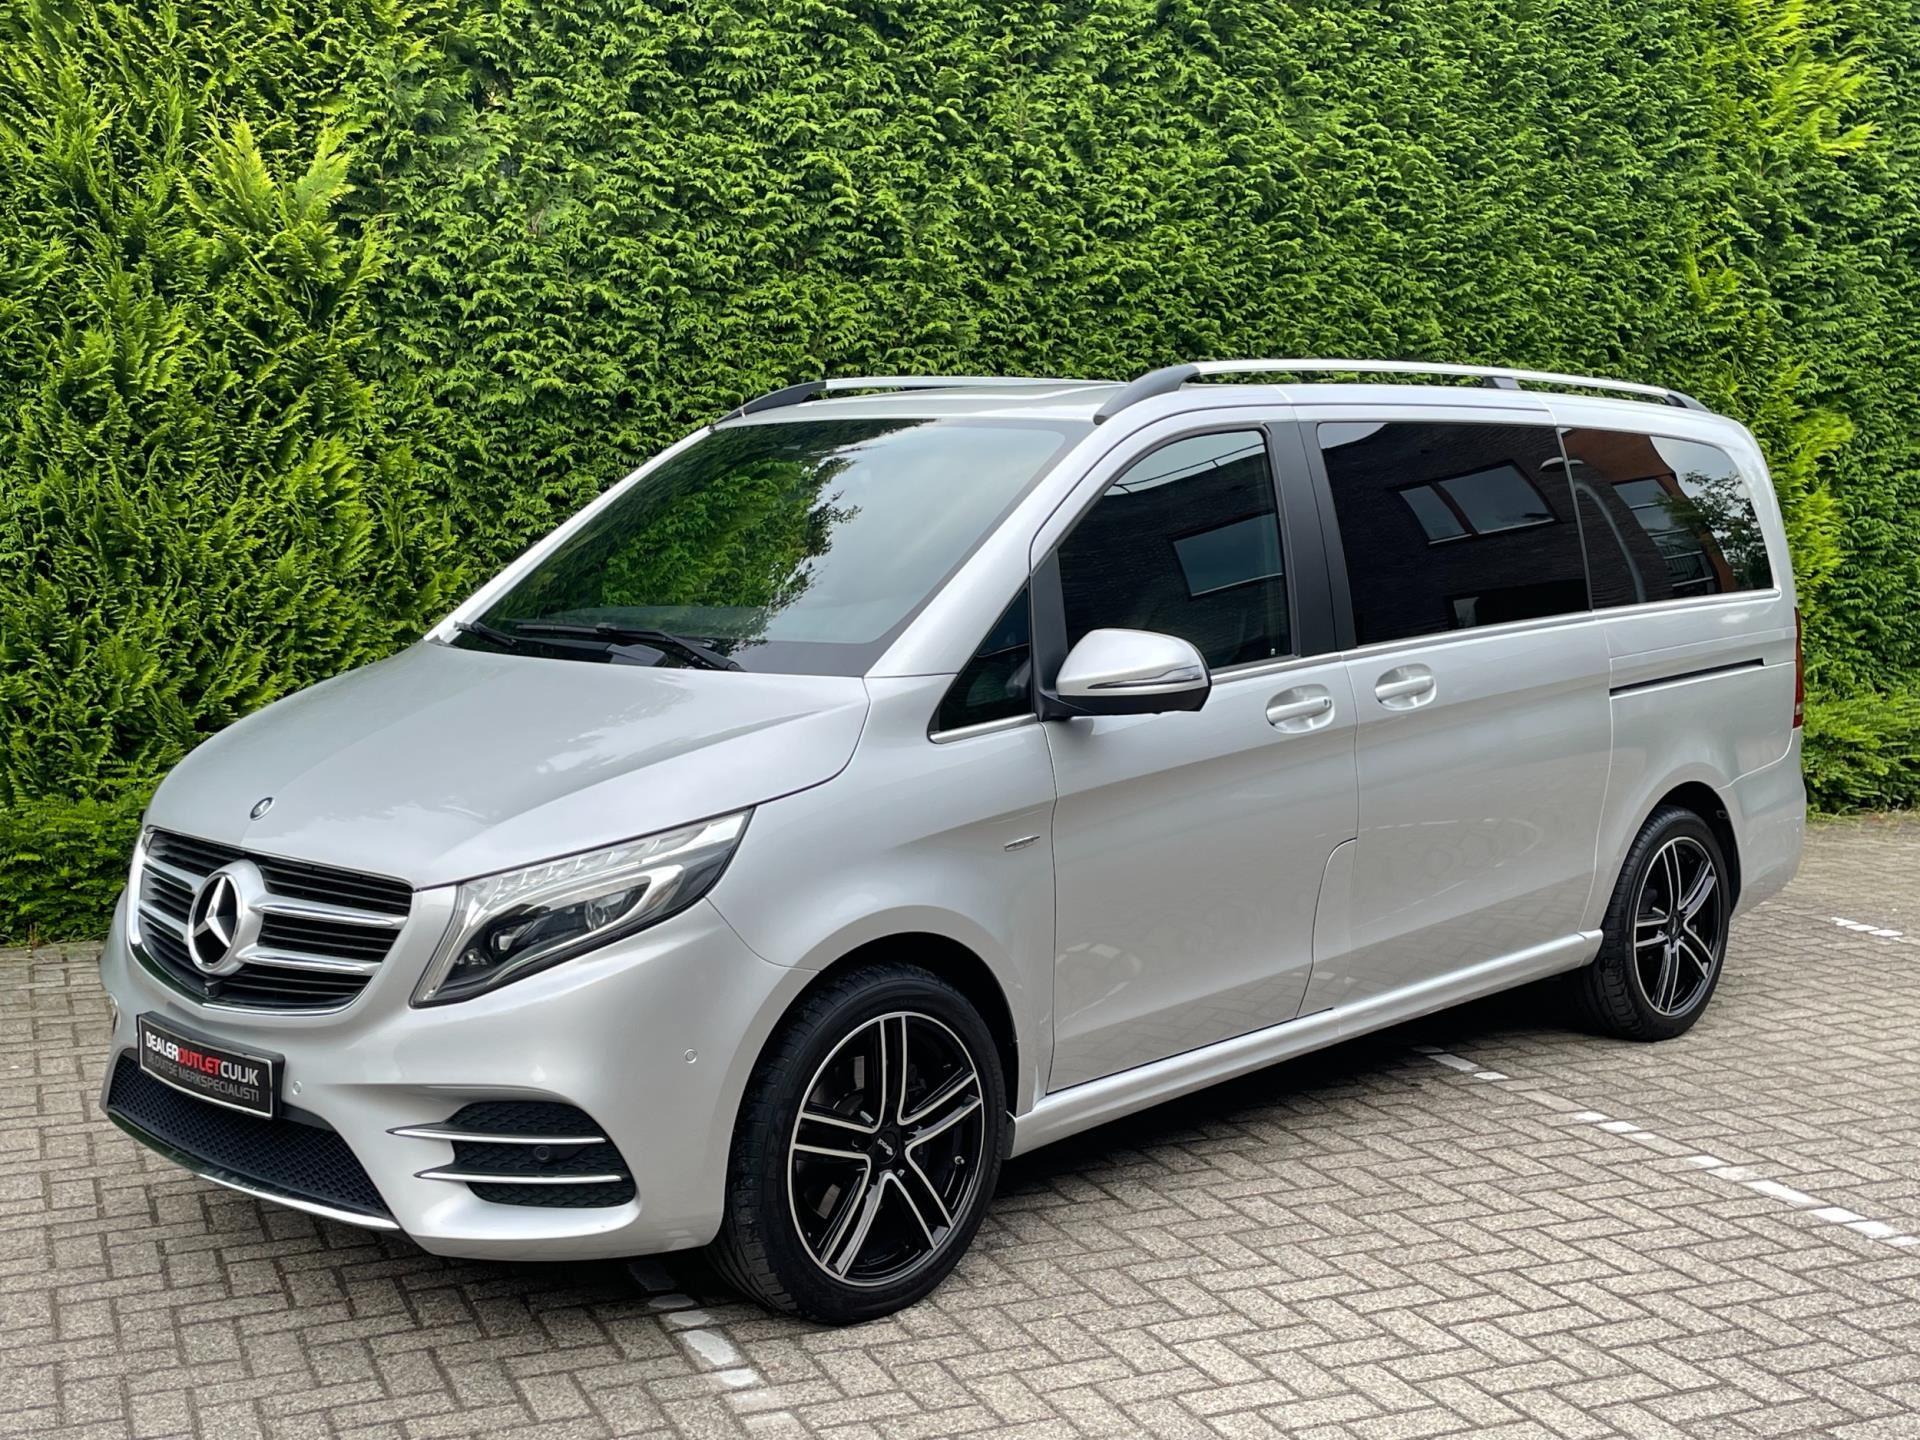 Mercedes-Benz V-klasse occasion - Dealer Outlet Cuijk b.v.